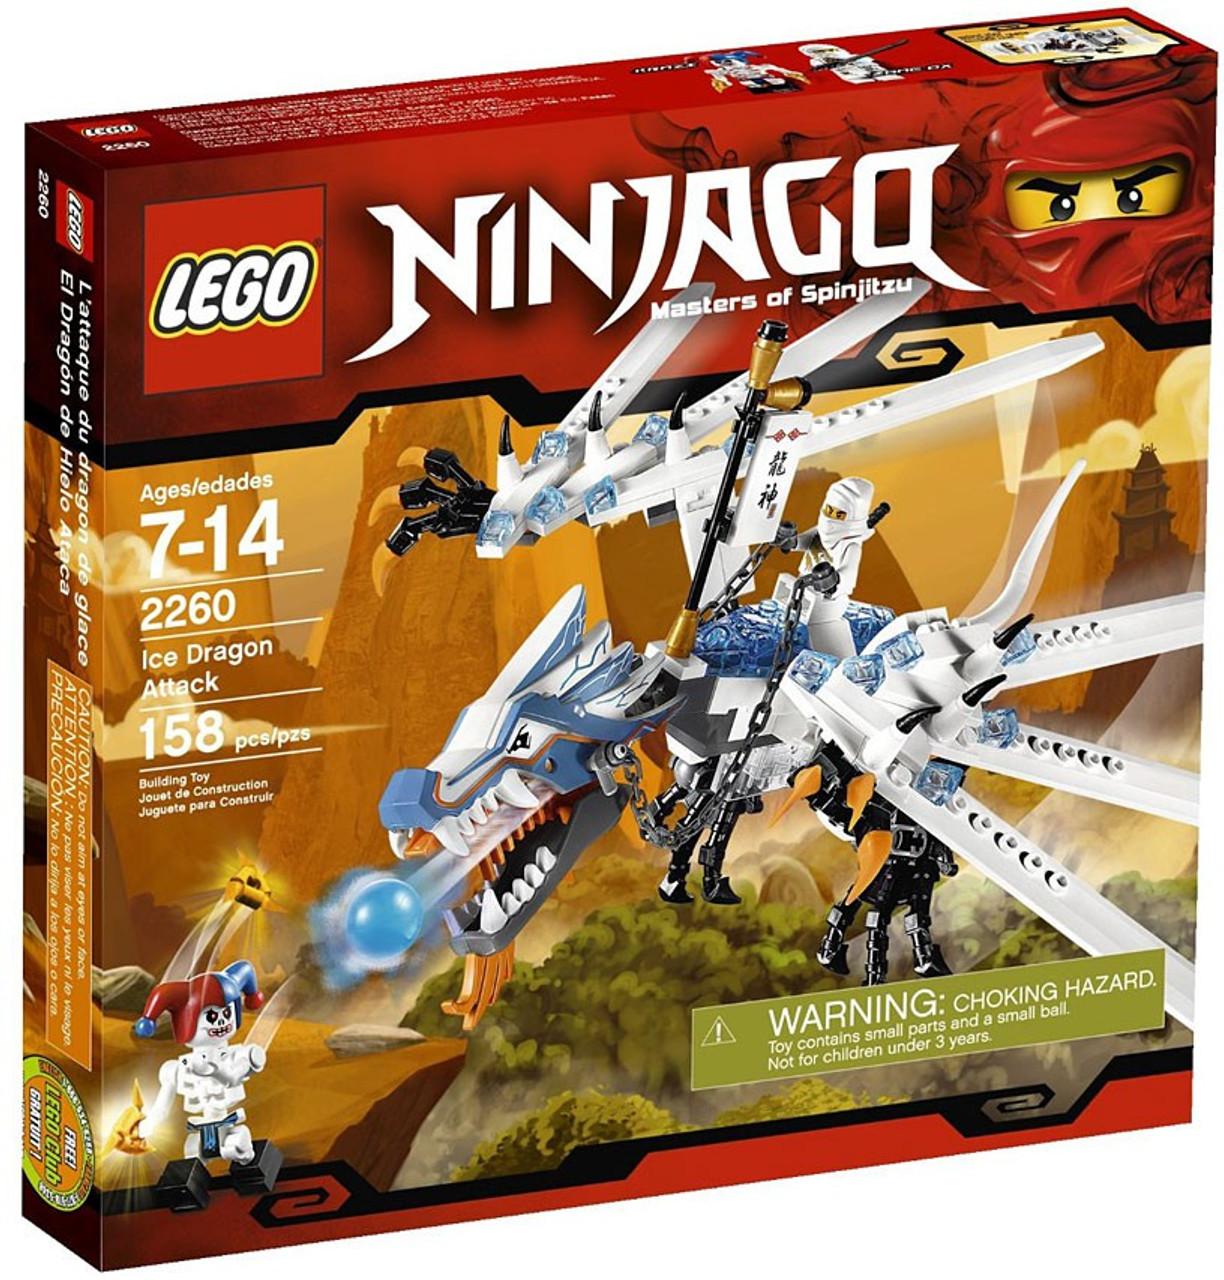 c021ad1029b7 LEGO Ninjago Ice Dragon Attack Set 2260 - ToyWiz